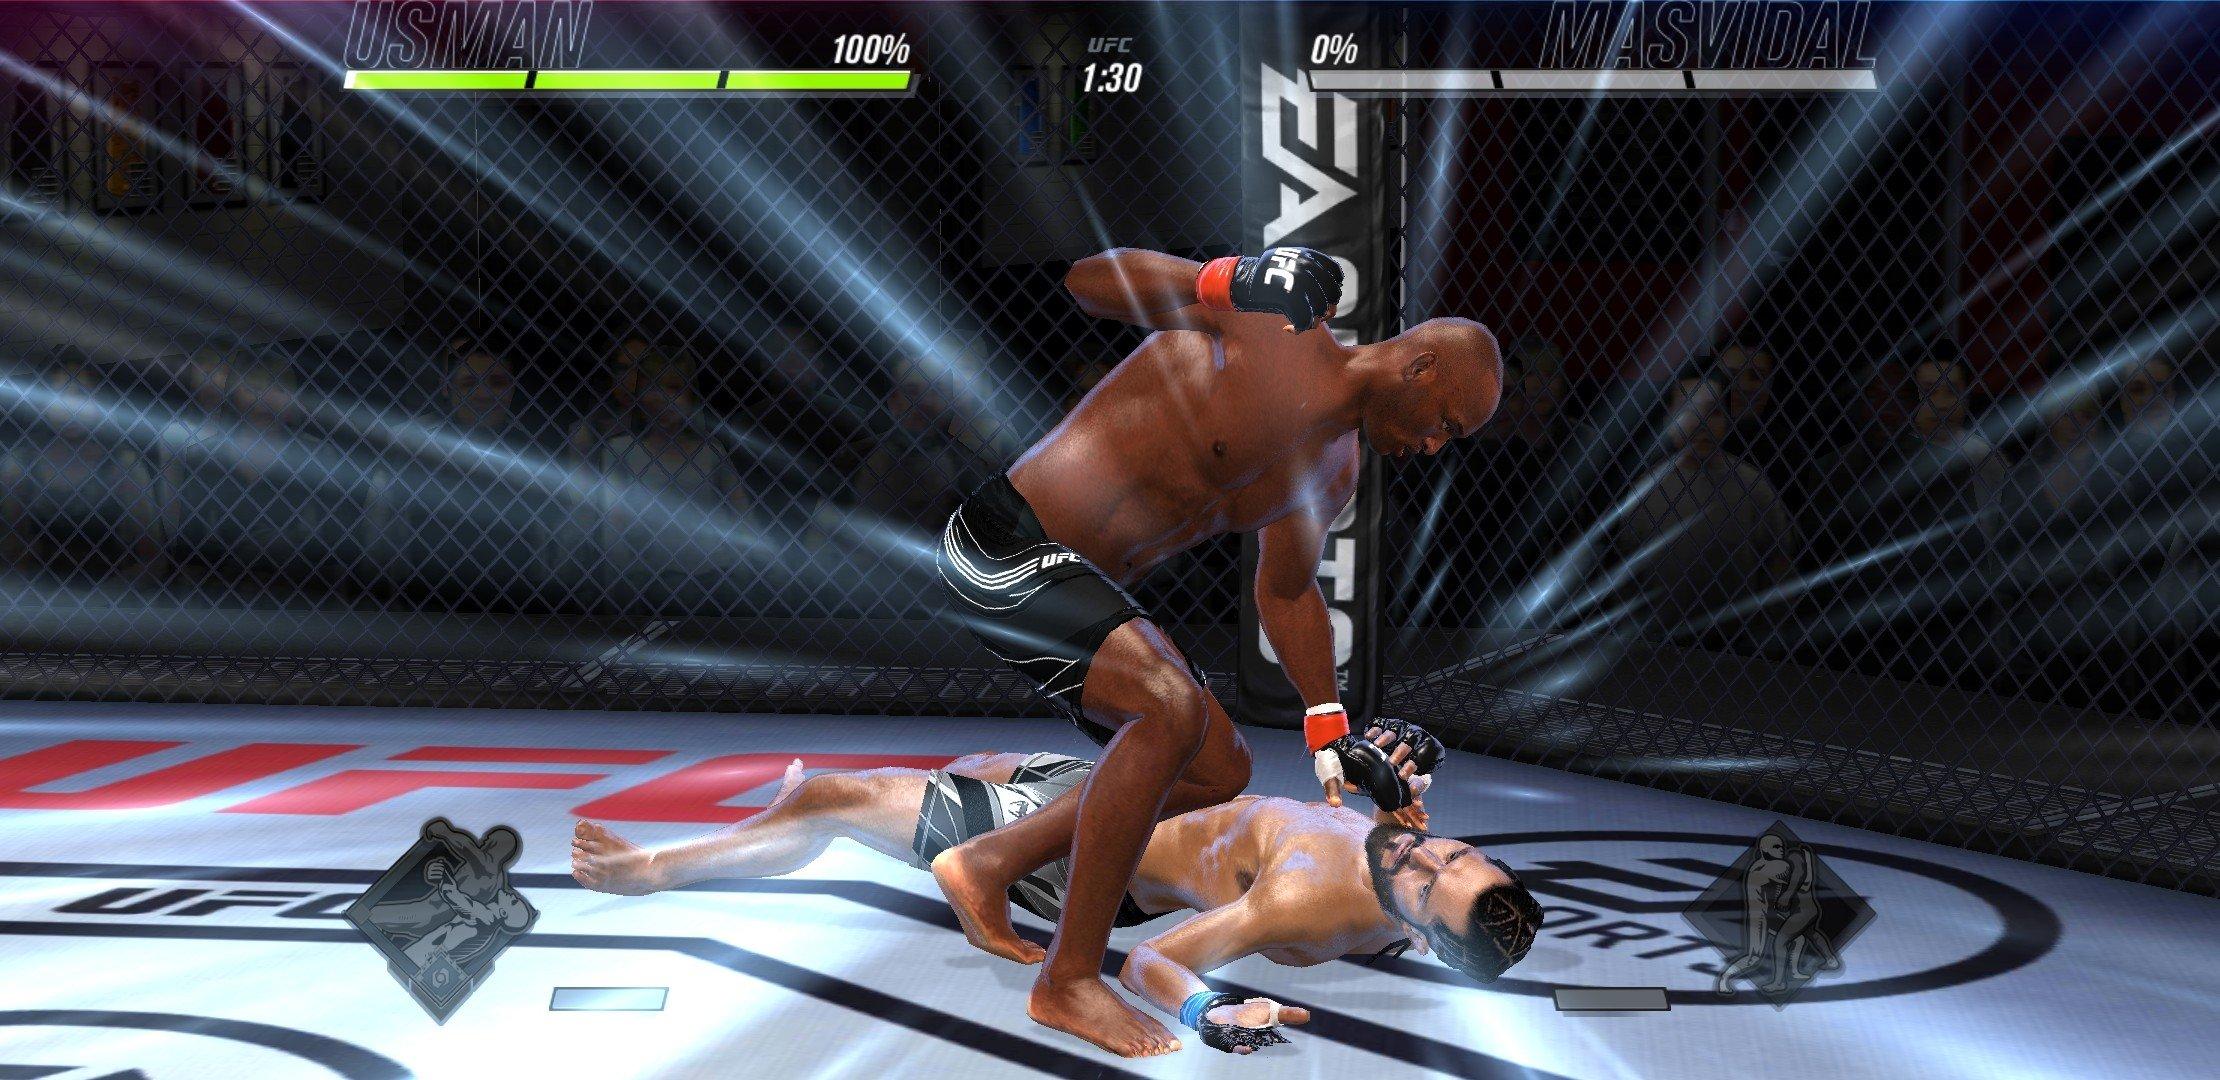 Télécharger ea sports ufc pour pc,version windows complète xeplayer.